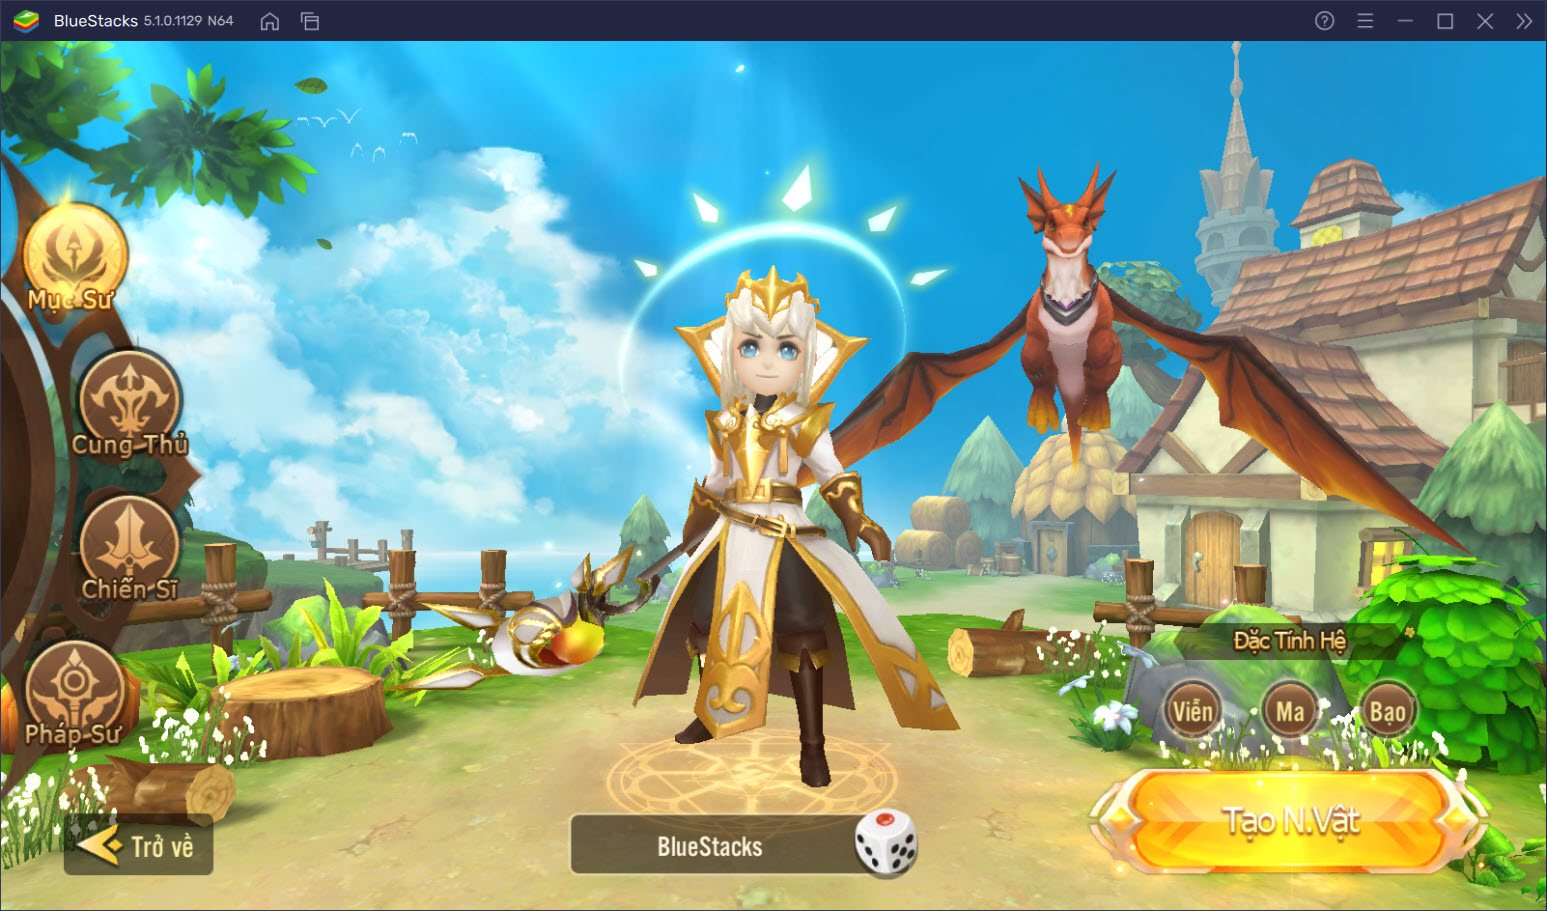 Dragon Heroes – Chung Sức Bảo Vệ: Tìm hiểu hệ thống class nhân vật